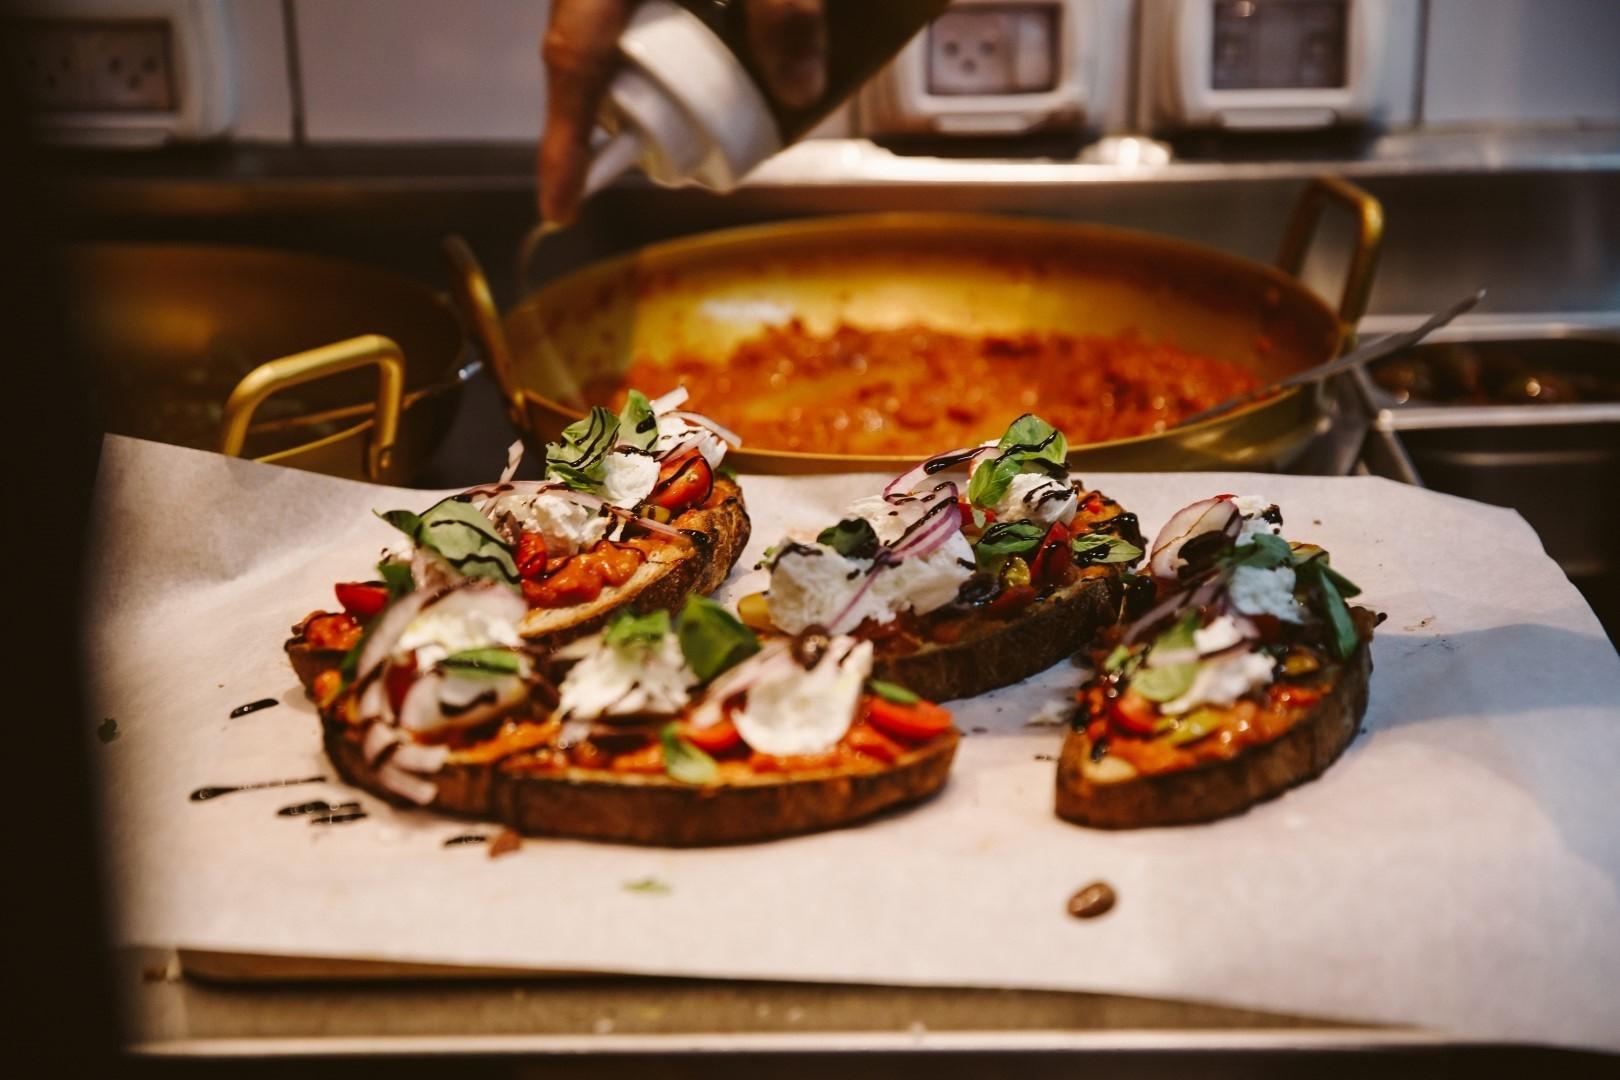 לשכת התיירות של איטליה בישראל מציגה את שבוע האוכל האיטלקי 2019 צילום בר